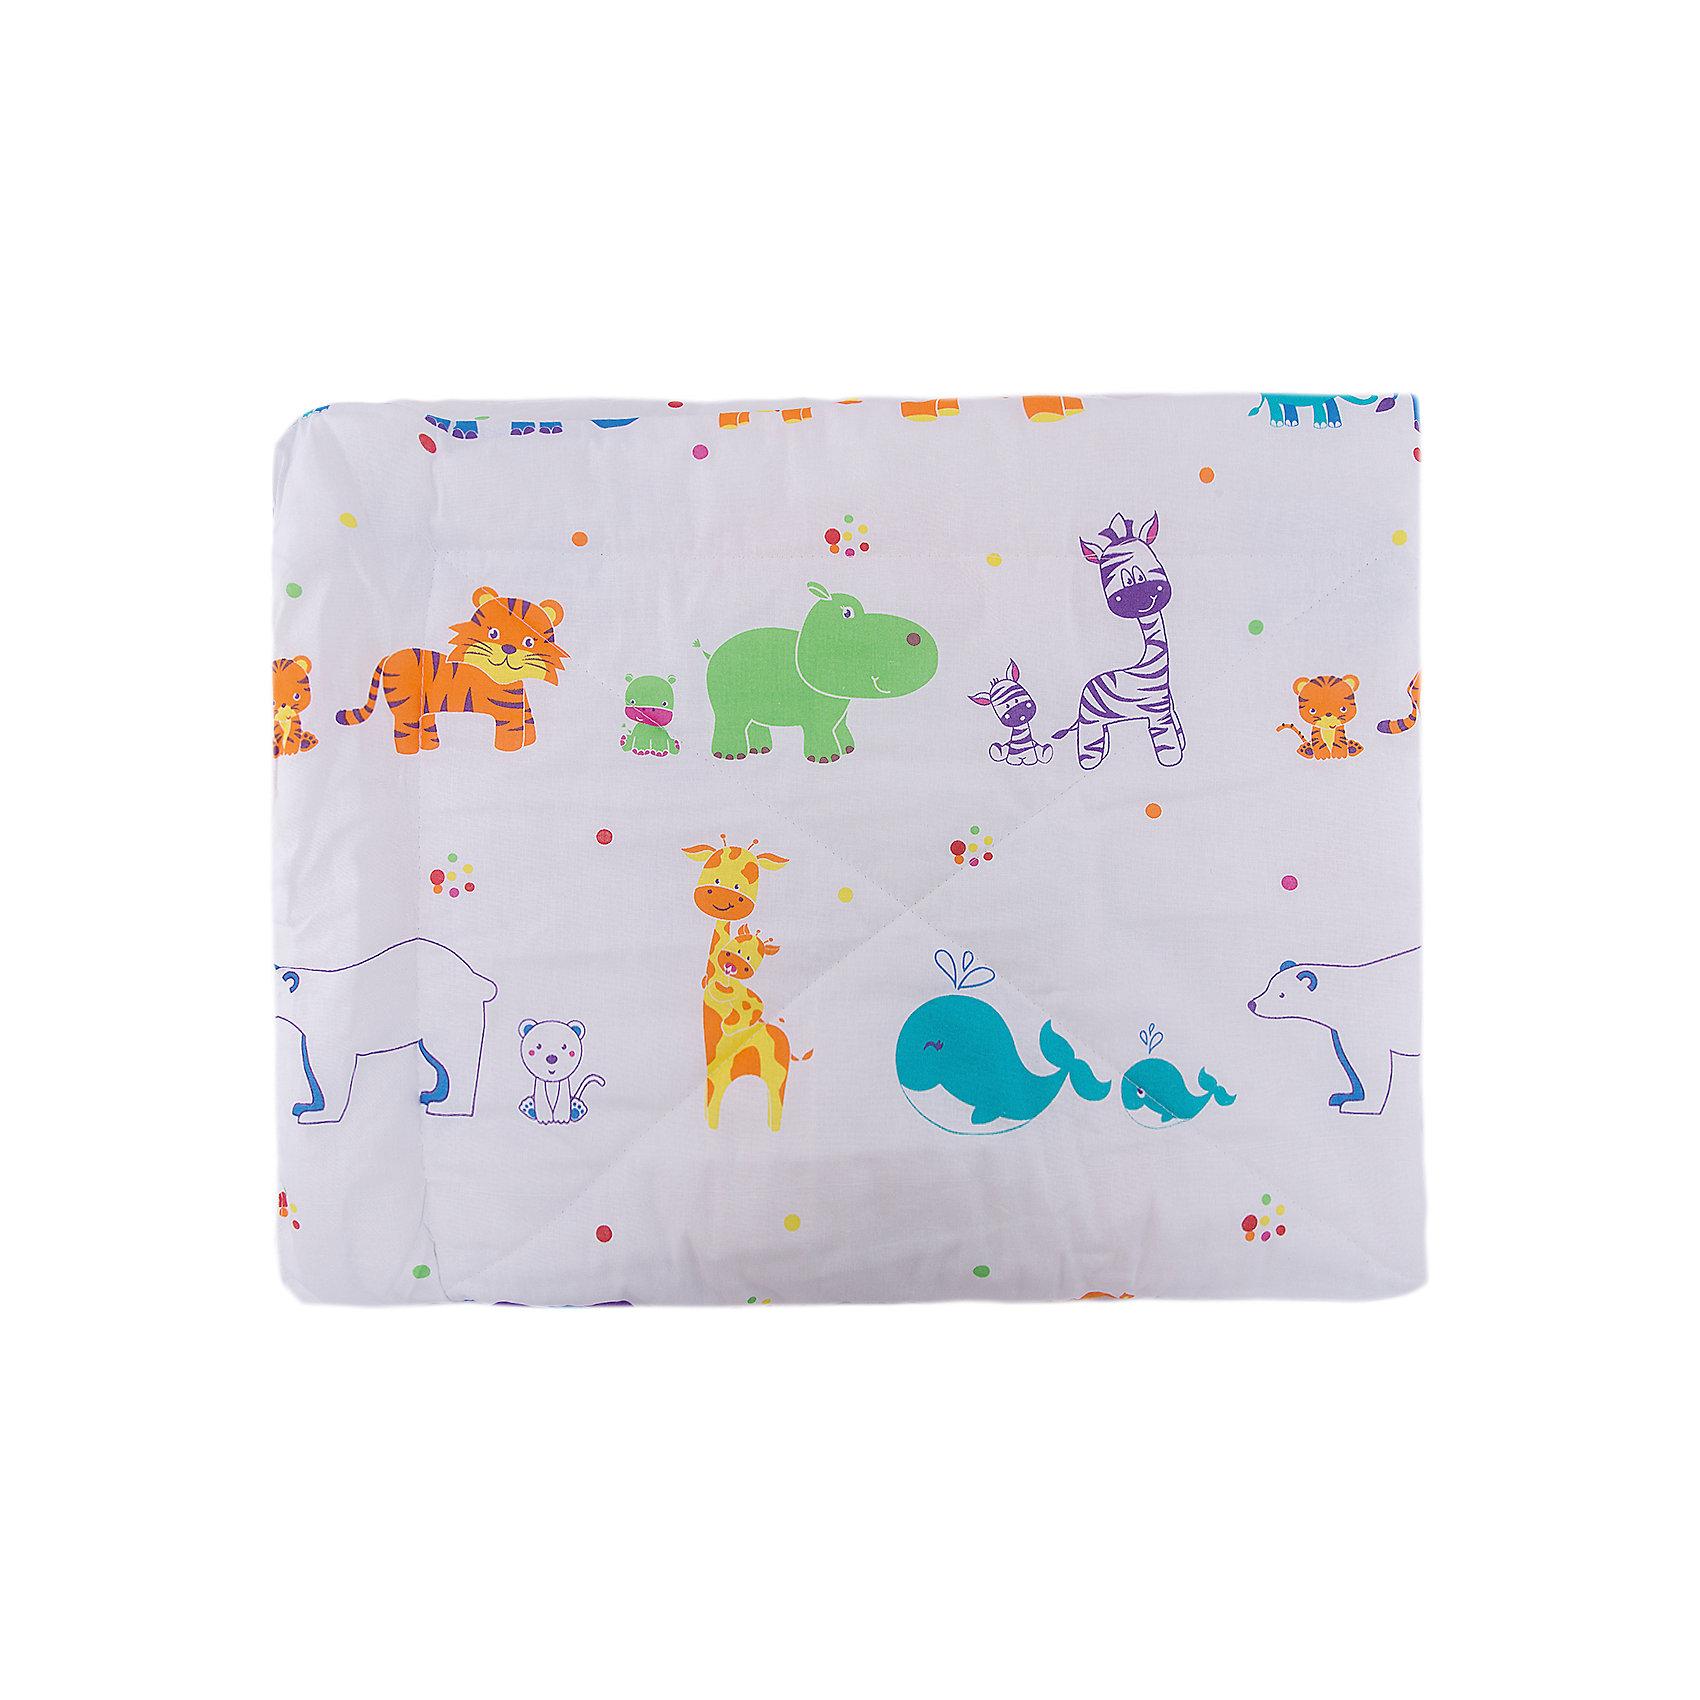 Одеяло детское ЗимаДомашний текстиль<br>Легкое и удобное, а главное теплое, зимнее одеяло специально для вашего малыша.<br><br>Дополнительная информация:<br><br>- Безопасно для здоровья.<br>- Верхняя ткань - бязь (100% хлопок),<br>- Наполнитель: синтепон 200гр.<br>- Производство: Россия. Товар сертифицирован.<br>-  Размер: 105х140 см<br>Размер в упаковке: 45х4х35 см.<br>Вес в упаковке: 750 г.<br><br>Детское одеяло Зима можно купить в нашем магазине.<br><br>Ширина мм: 450<br>Глубина мм: 40<br>Высота мм: 350<br>Вес г: 750<br>Возраст от месяцев: 0<br>Возраст до месяцев: 36<br>Пол: Унисекс<br>Возраст: Детский<br>SKU: 4724675